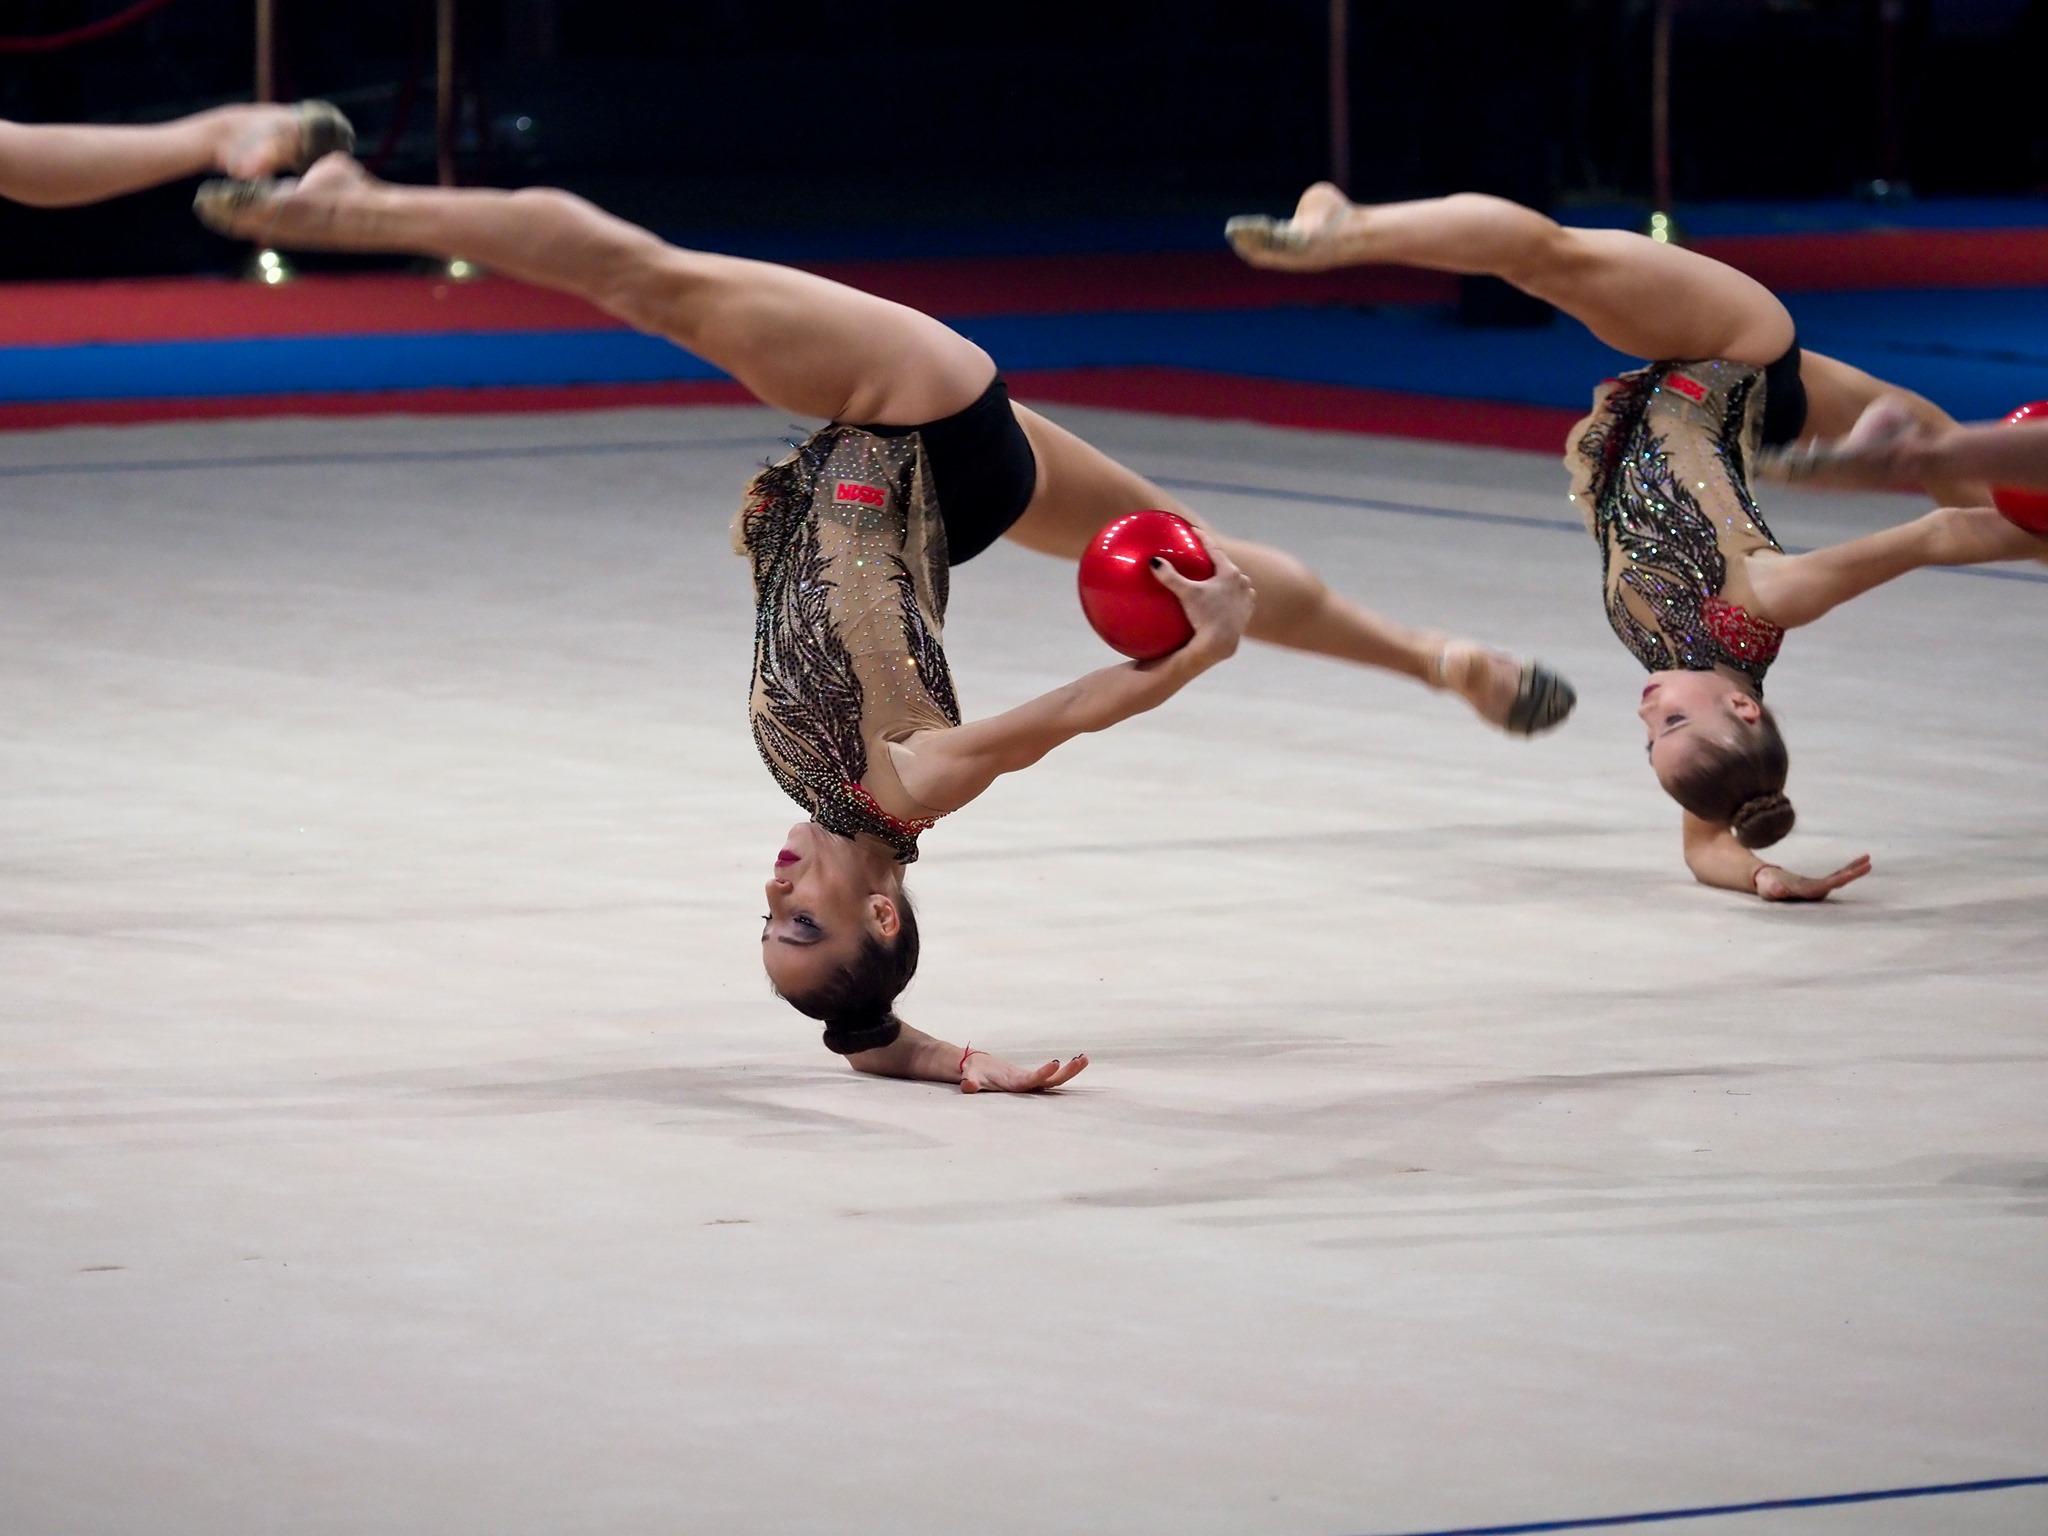 <p>Симона и момичетата от националния отбор по художествена гимнастика са посланици на Европейската седмица на спорта #BeActive, която се организира за шеста поредна година в цяла България и ще включва много интересни спортни събития.</p>